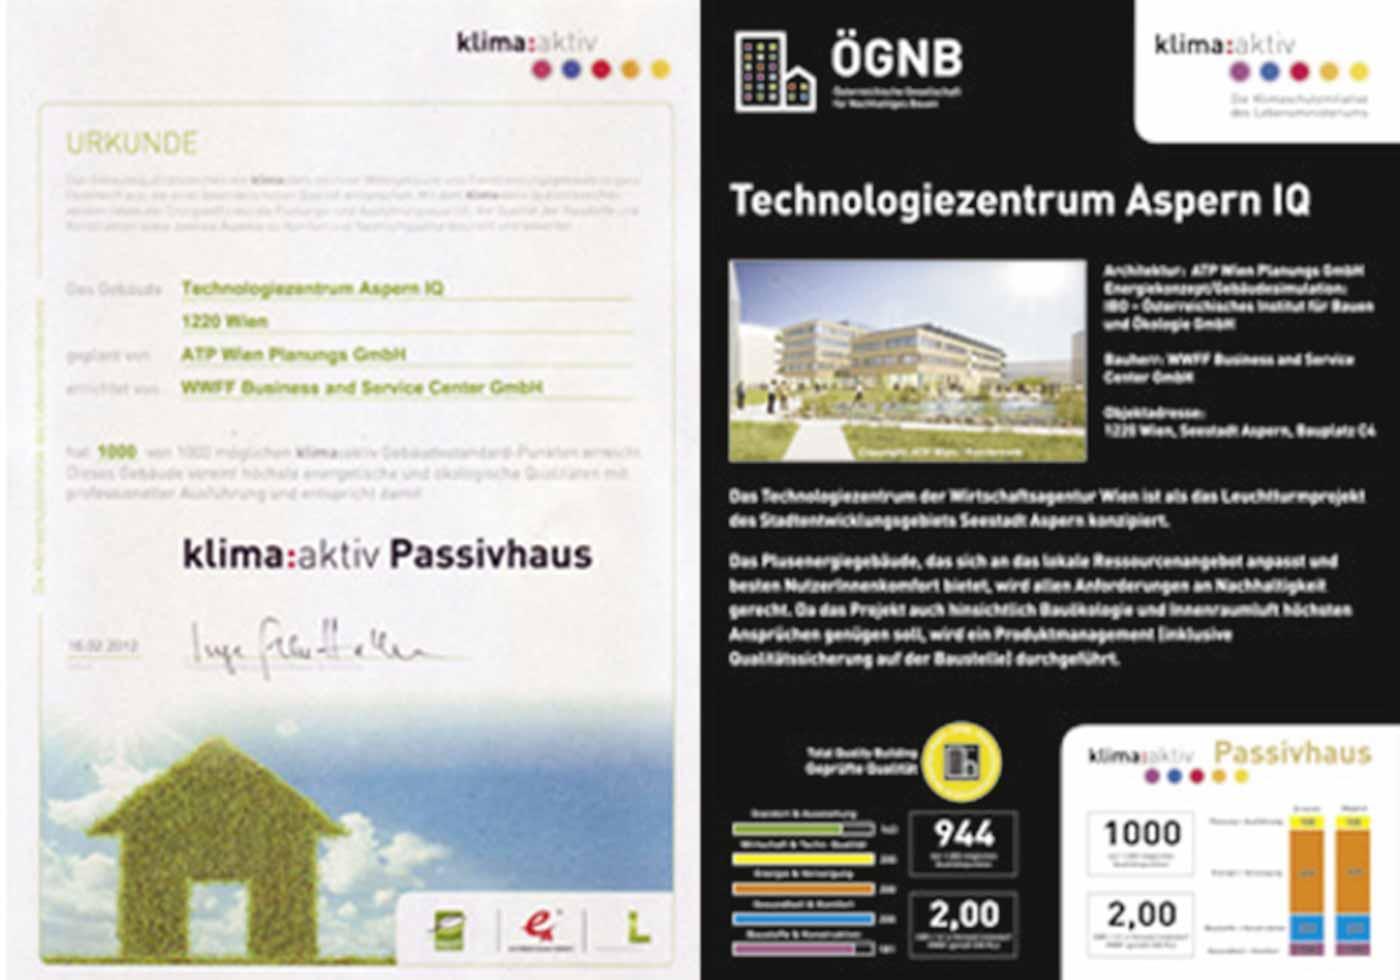 klima:aktiv und ÖGNB-Gebäudequalitätszeichen für aspern IQ